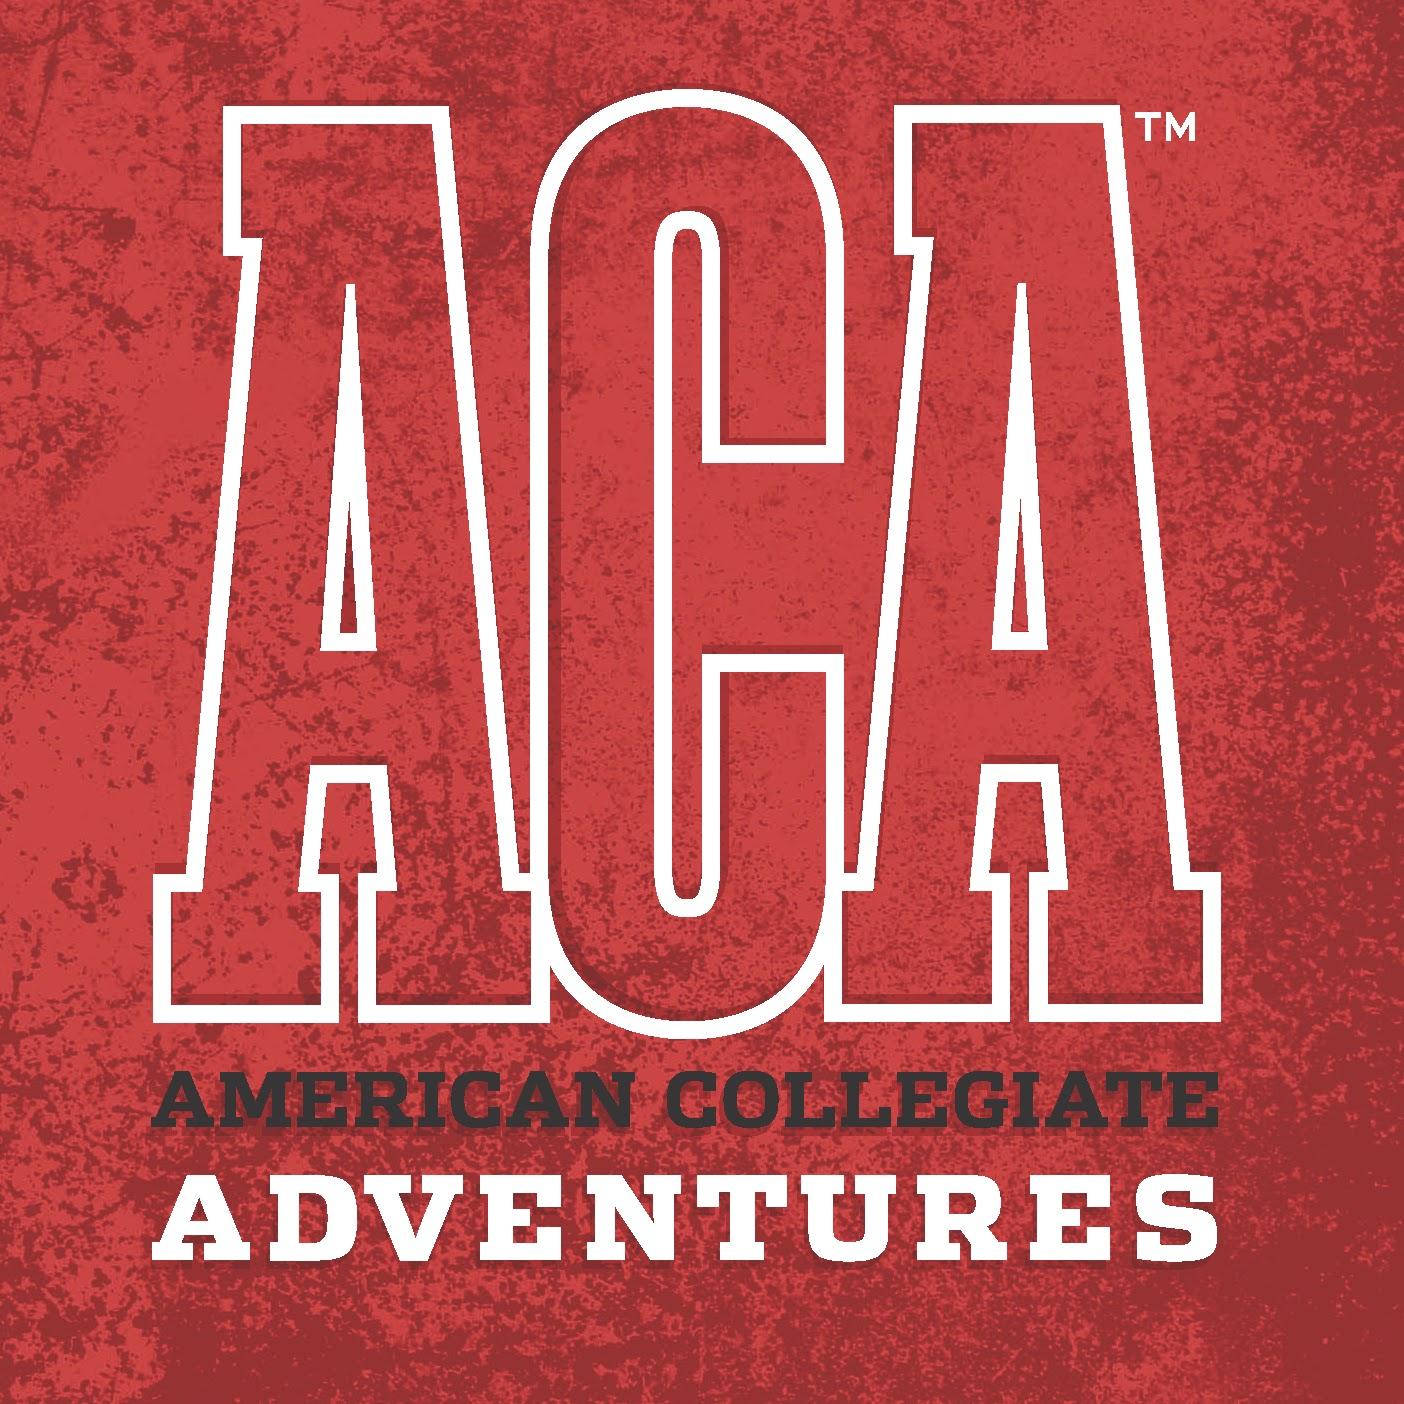 American Collegiate Adventures Spain